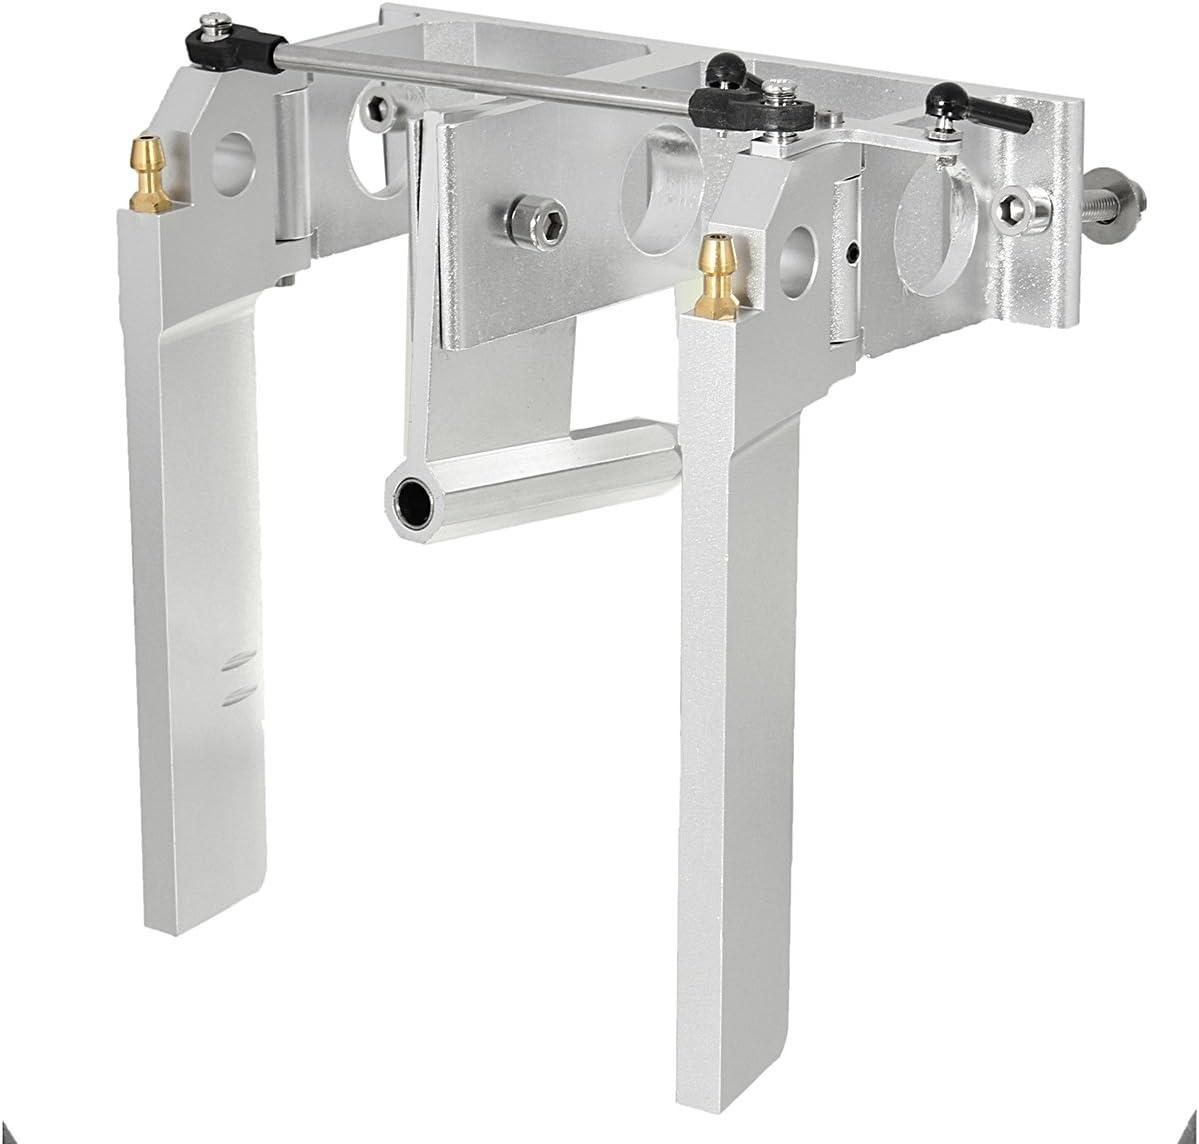 HELEISH Timón Doble de Aluminio for 1/4 Eje Barco RC Piezas de Montaje de Bricolaje: Amazon.es: Juguetes y juegos